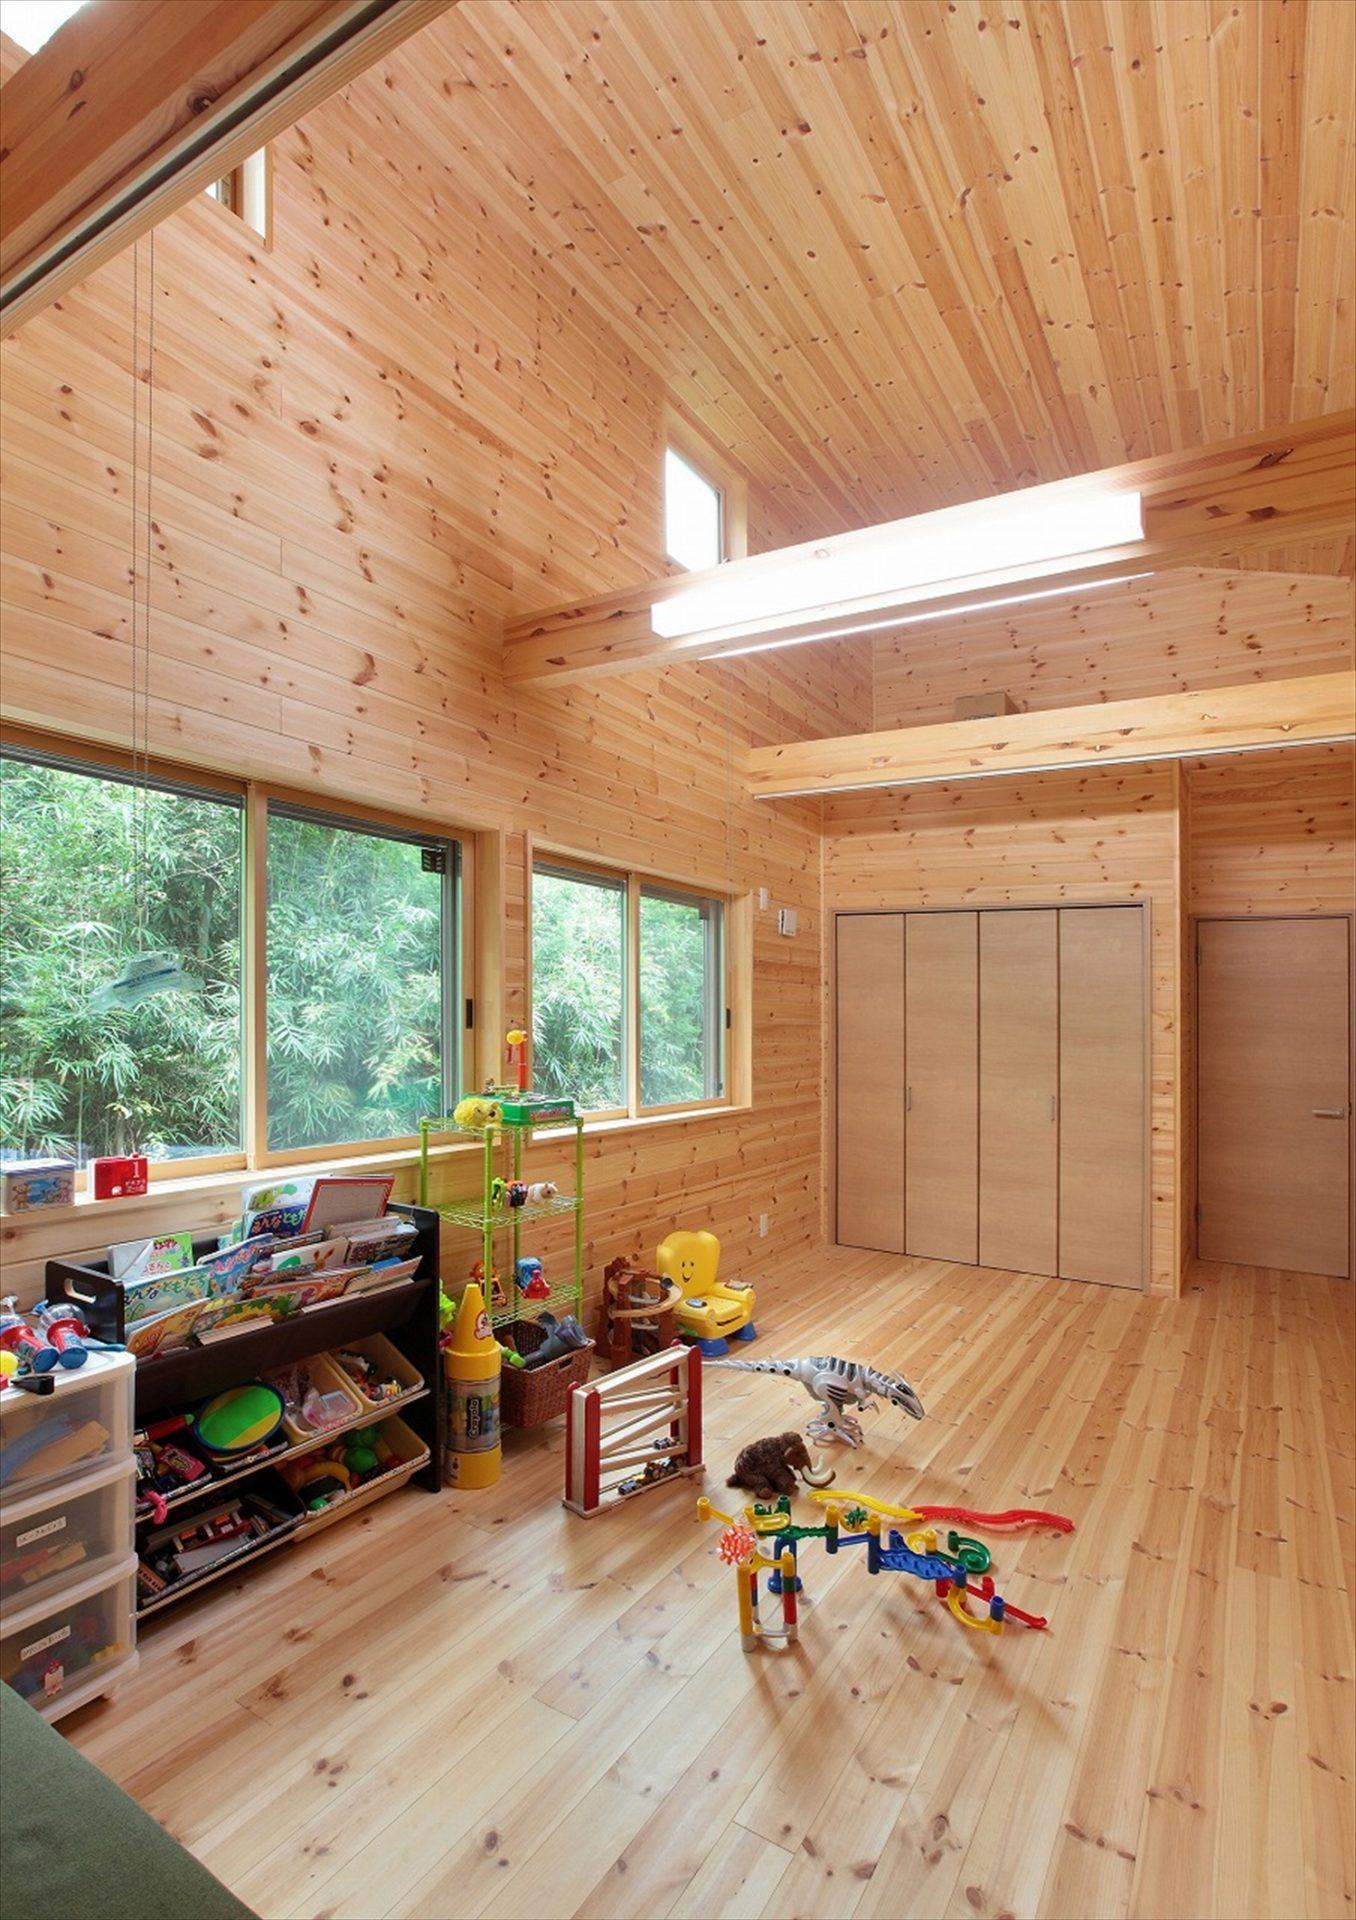 化学物質によるアレルギーの不安がない安心な子供部屋